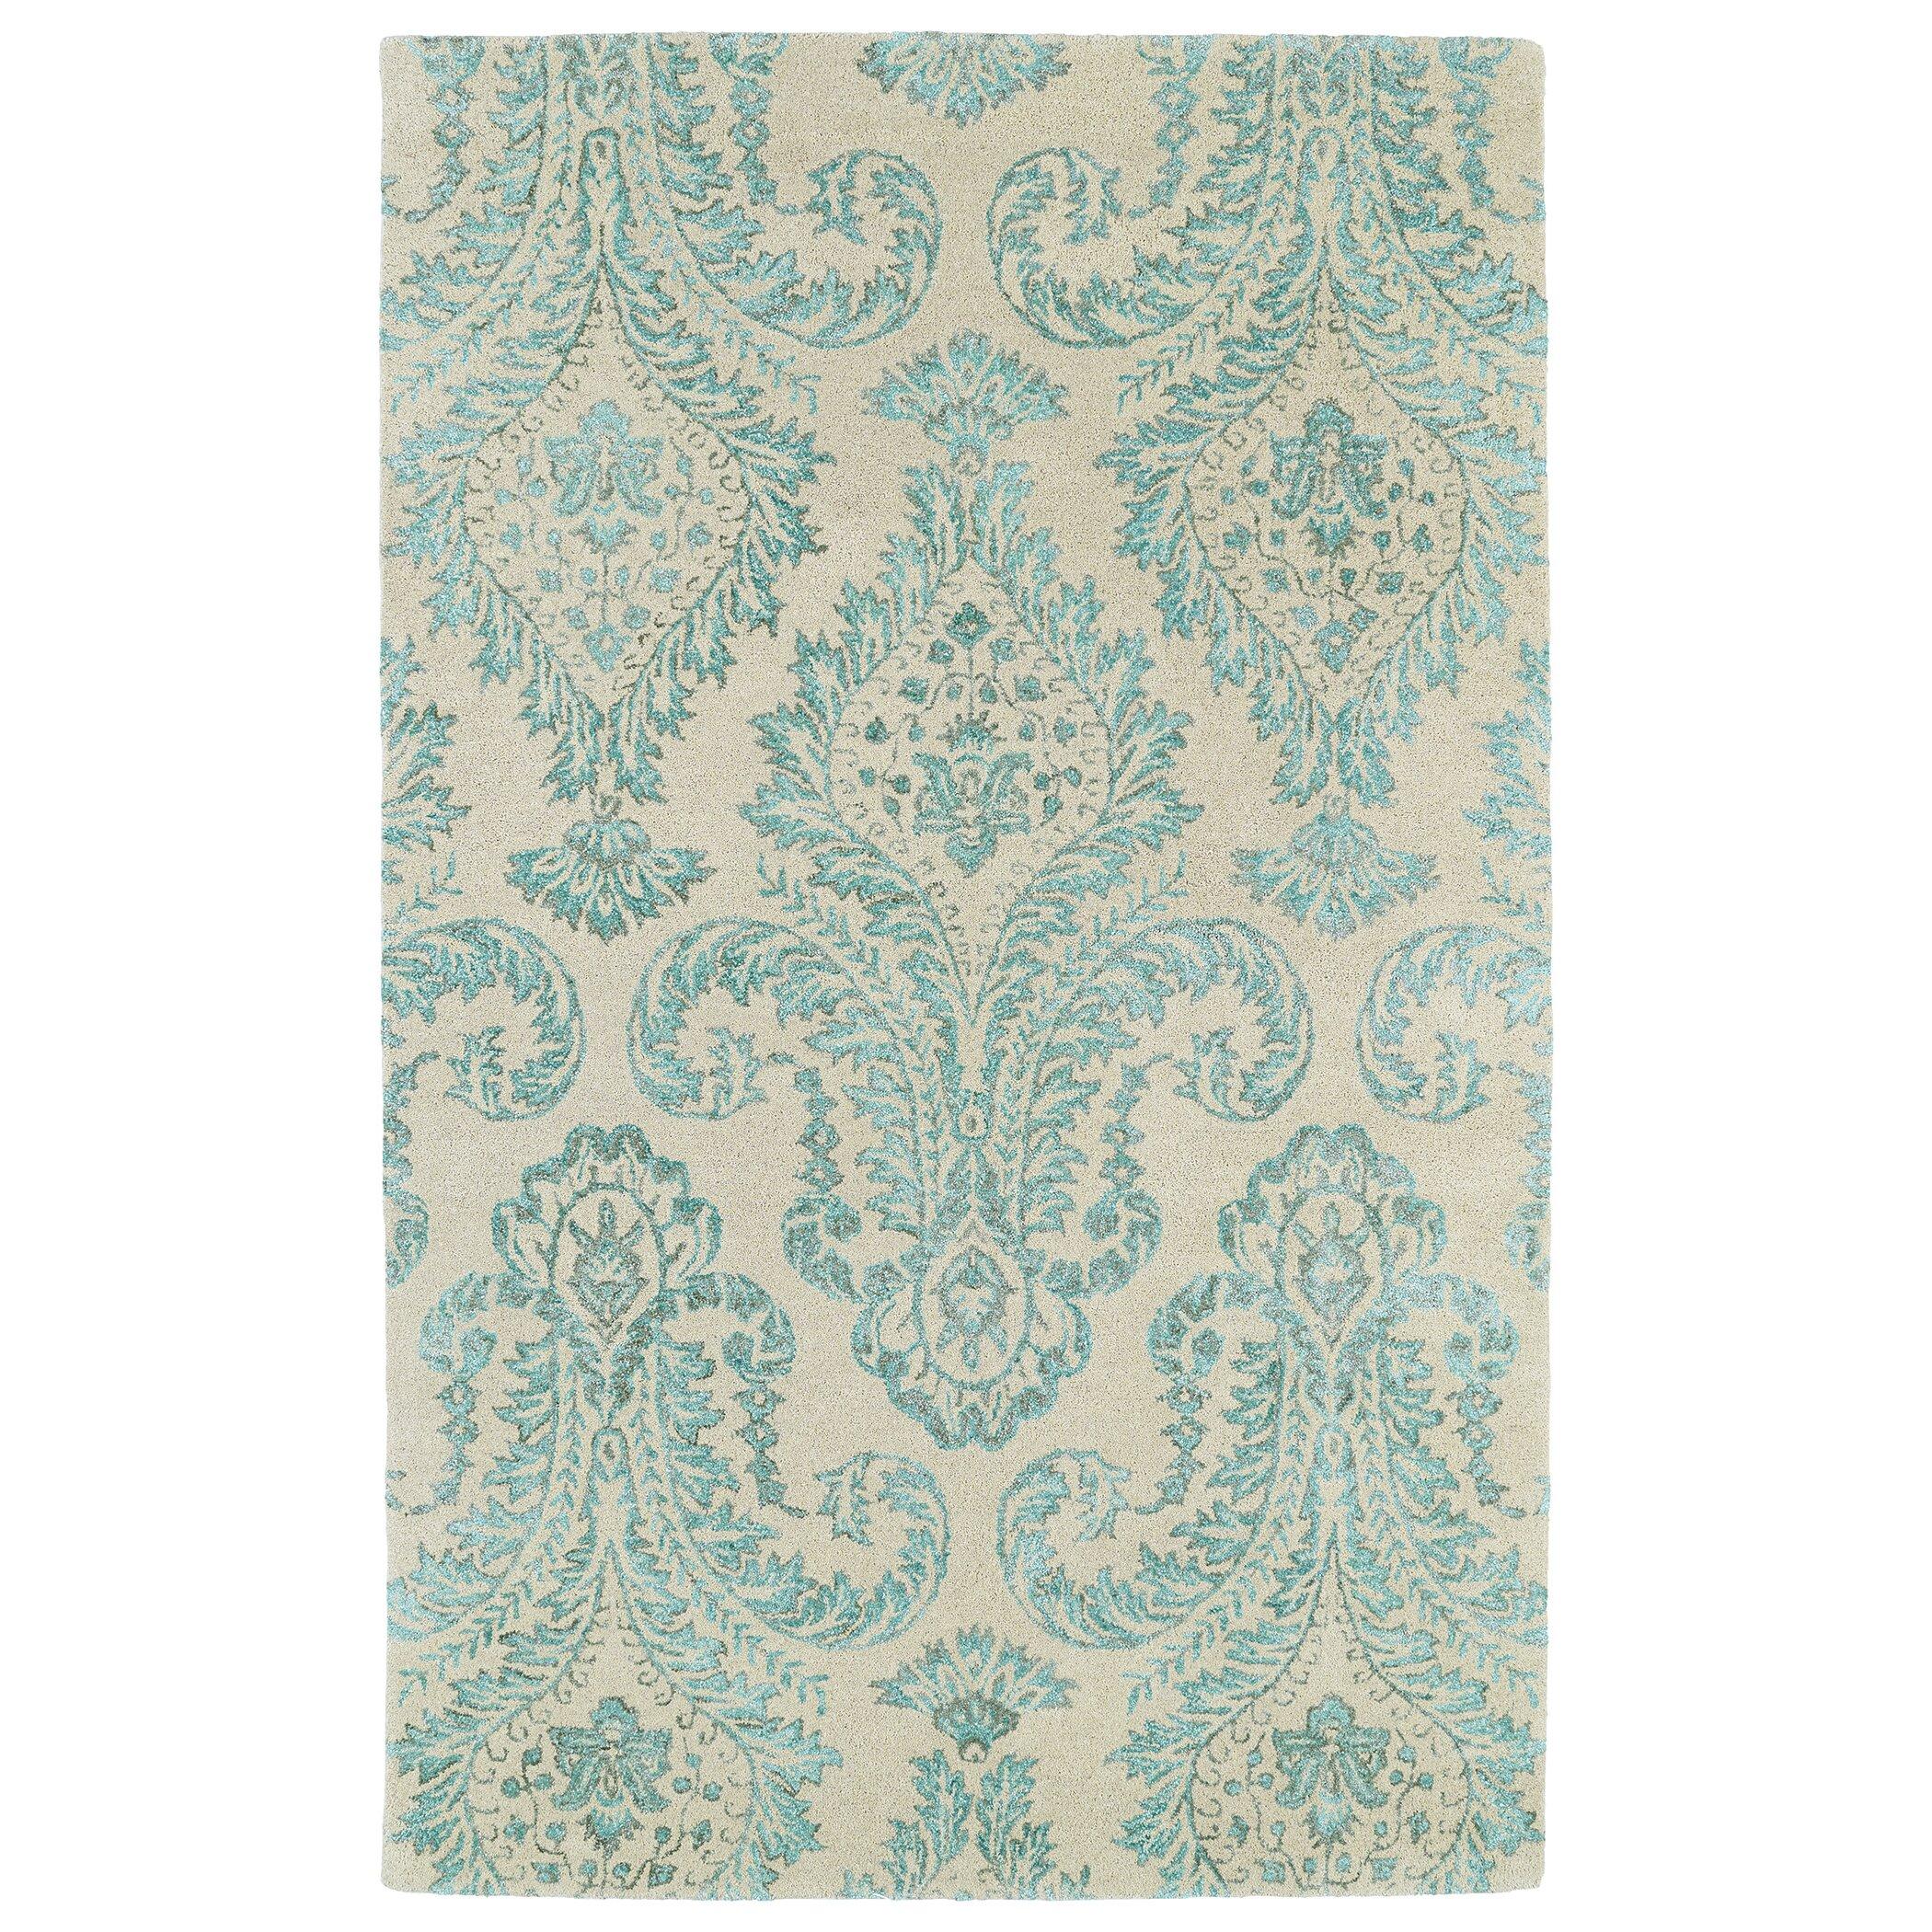 Divine Beige/Turquoise Area Rug